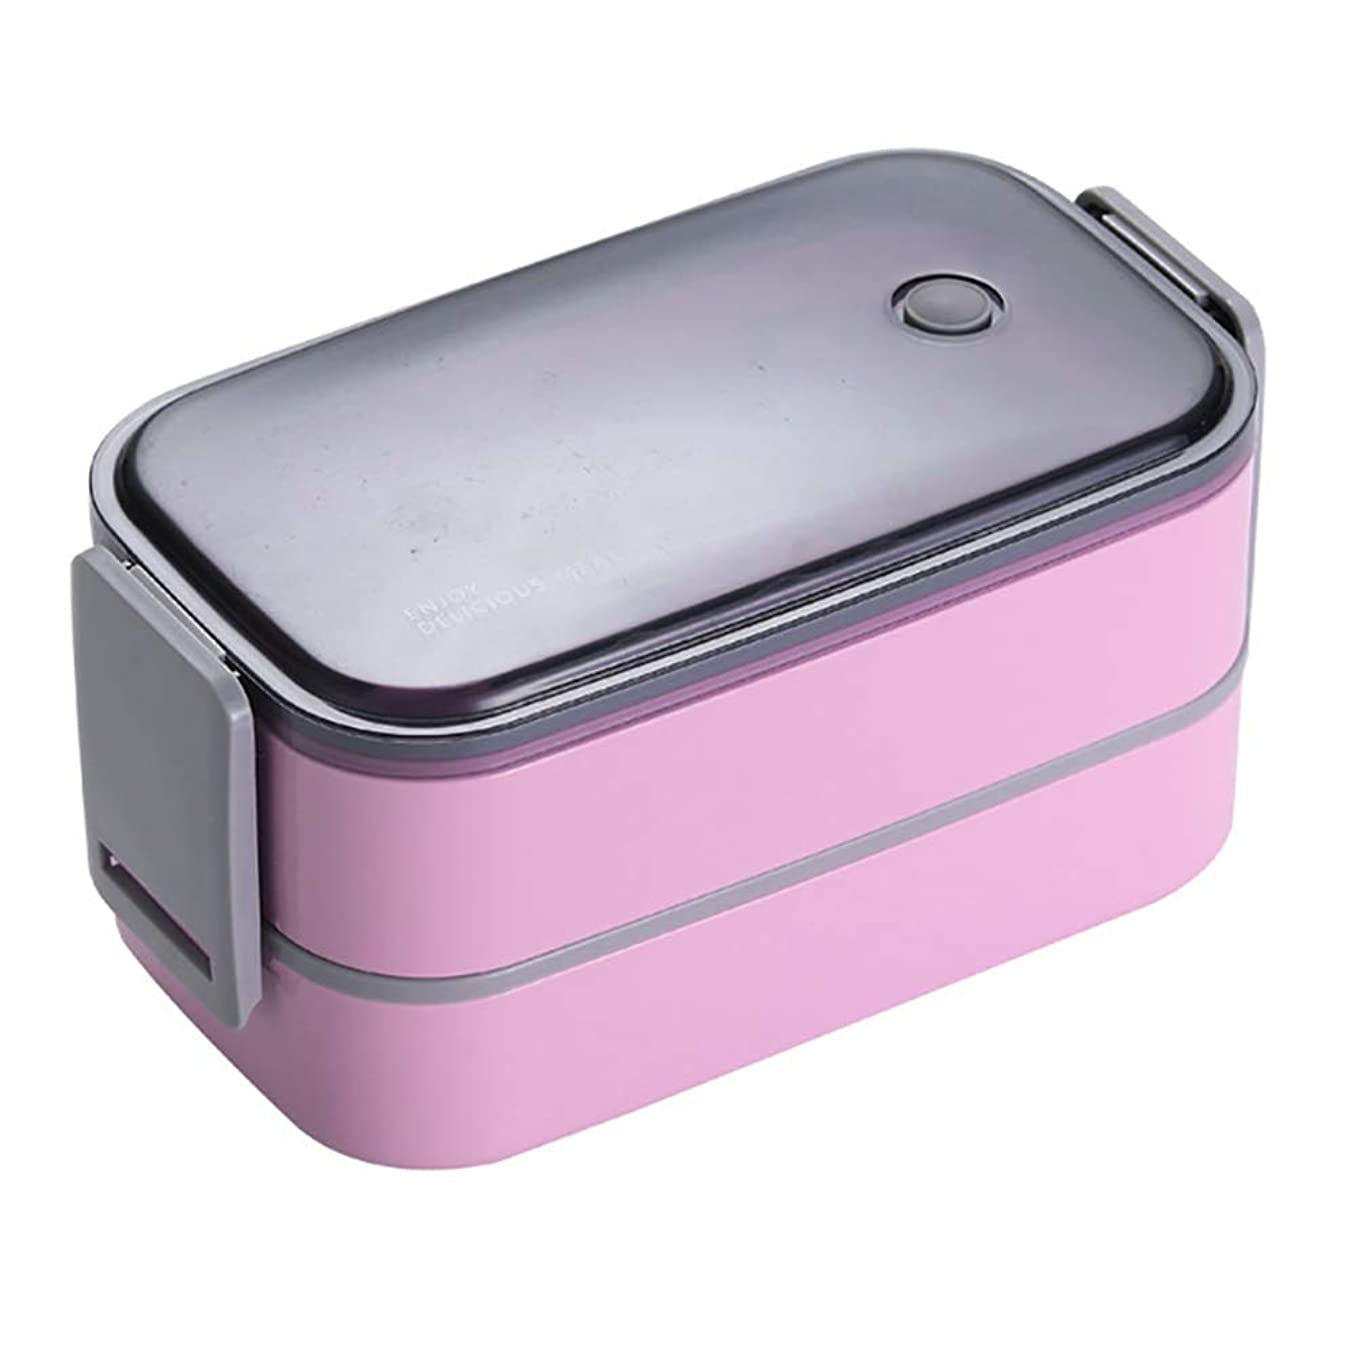 もう一度言い換えると期待ダブルレイヤーのランチボックスポータブルコンテナボックス、BPAフリー、キッズスクールピクニックオフィスワーカーディナー食品容器弁当箱,ピンク